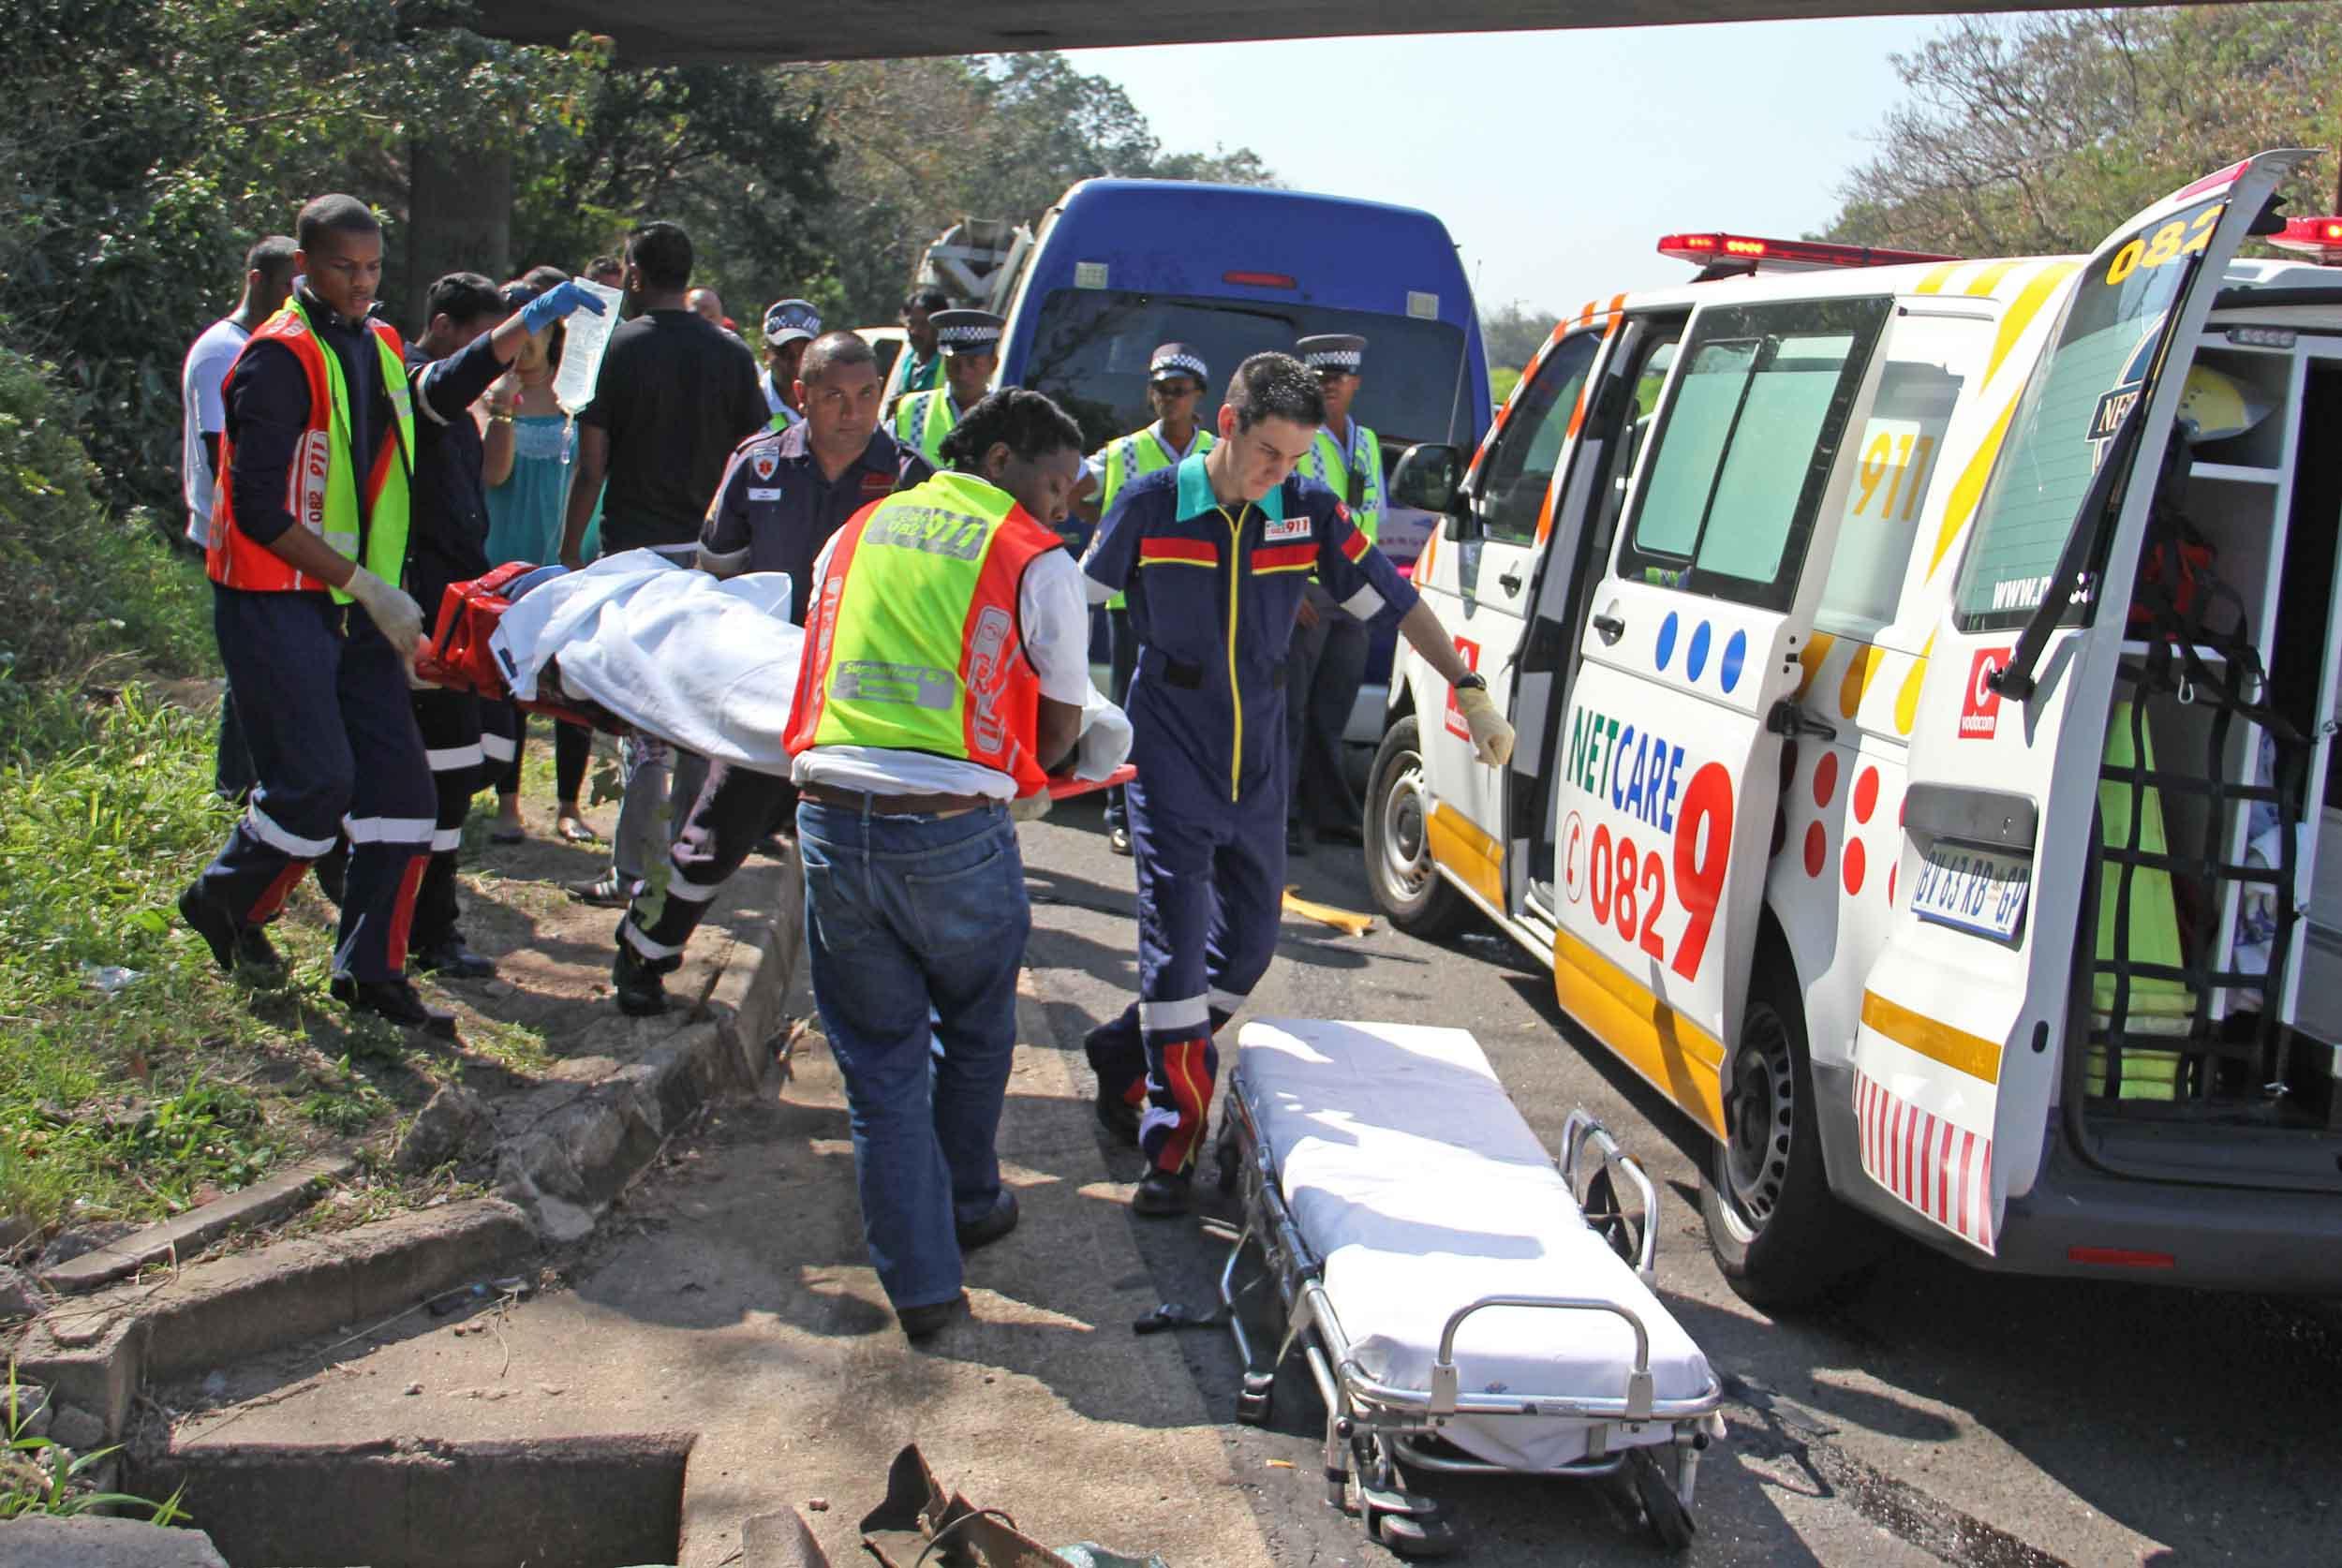 27 قتيلاً في حادث مروري بجنوب أفريقيا